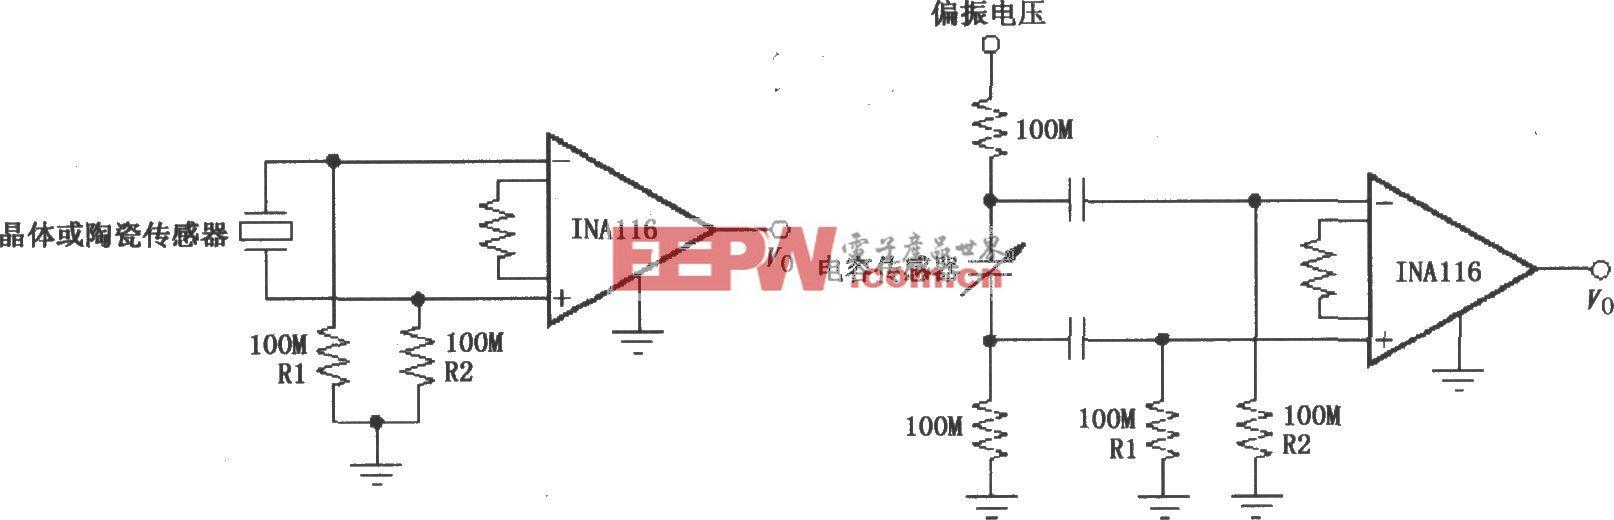 提供一个输入偏置电流通路电路(INA116)